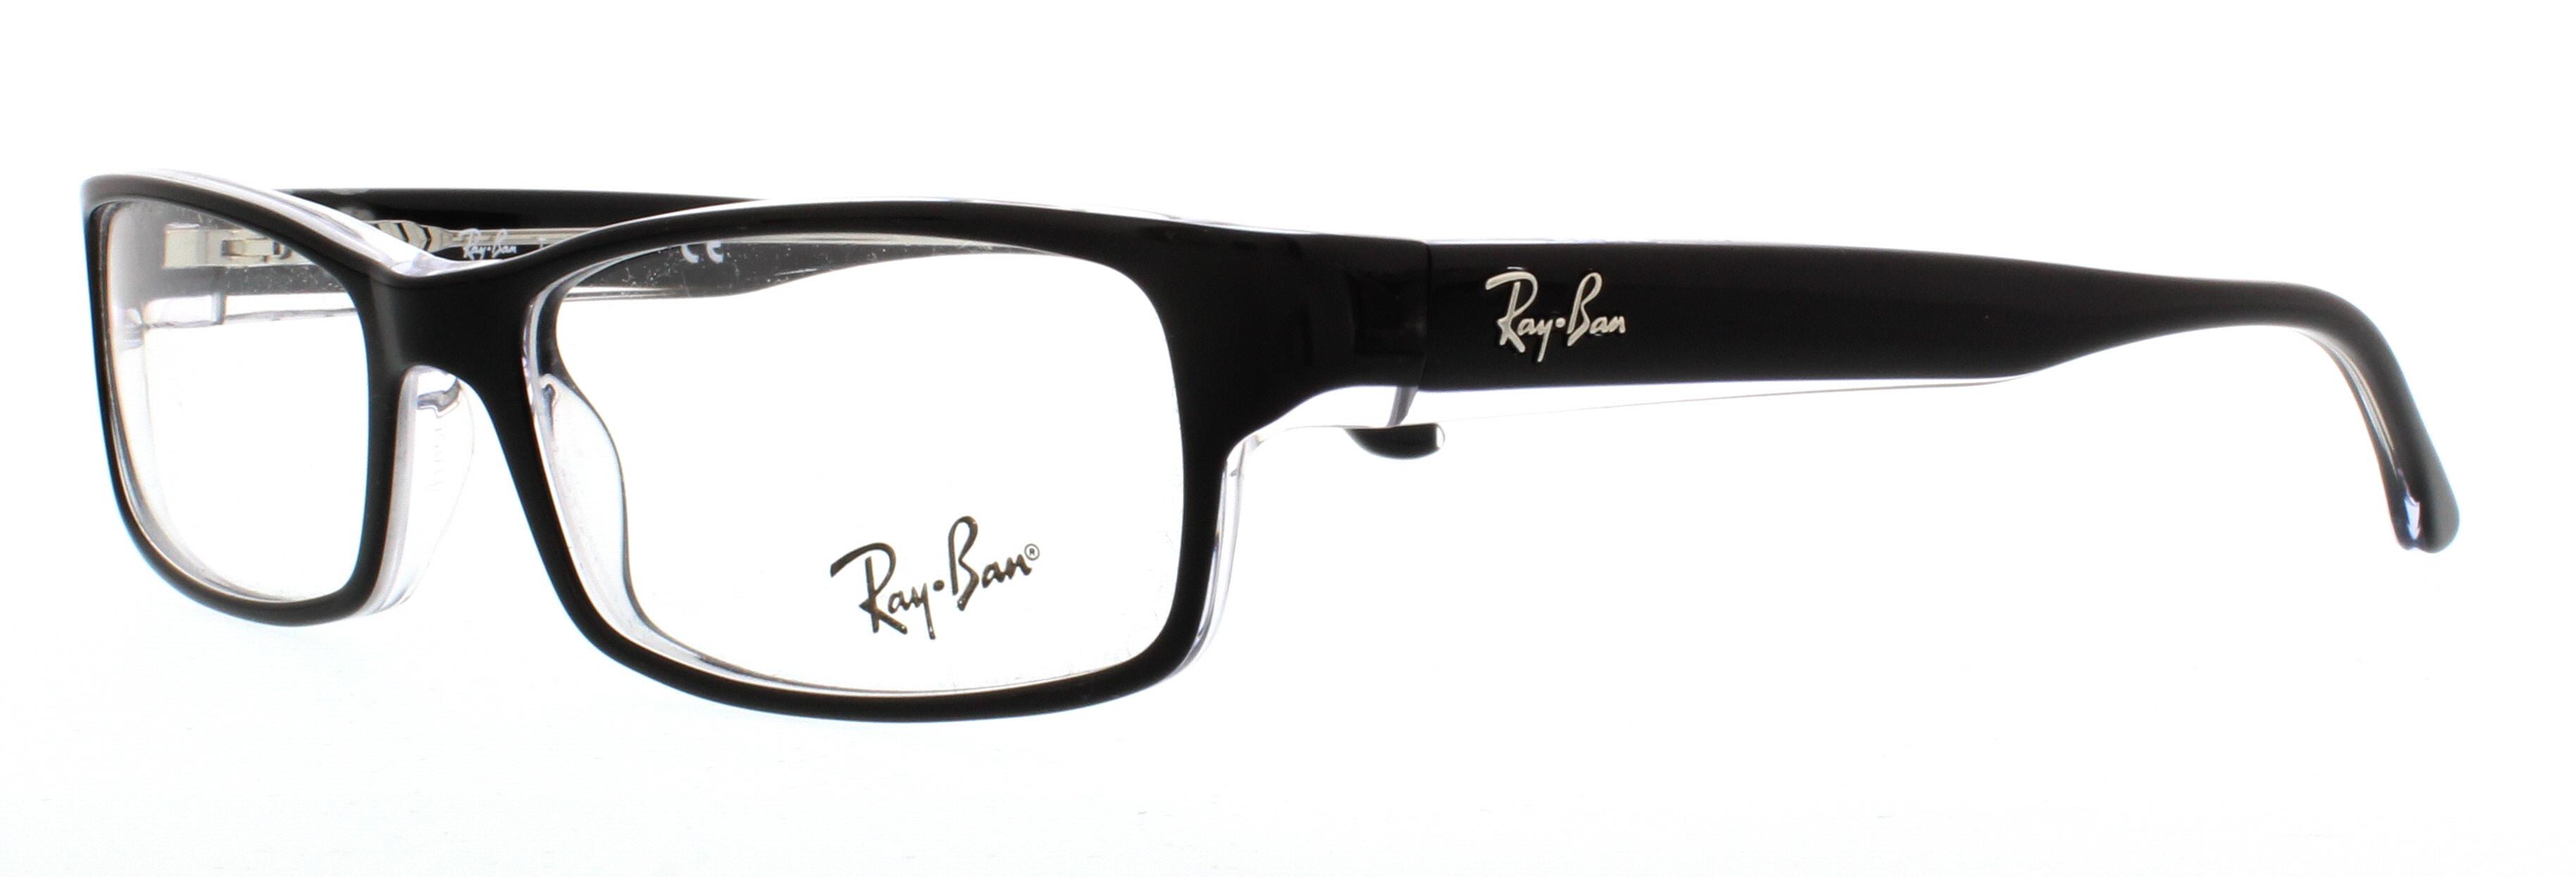 Designer Frames Outlet. Ray Ban RX5114